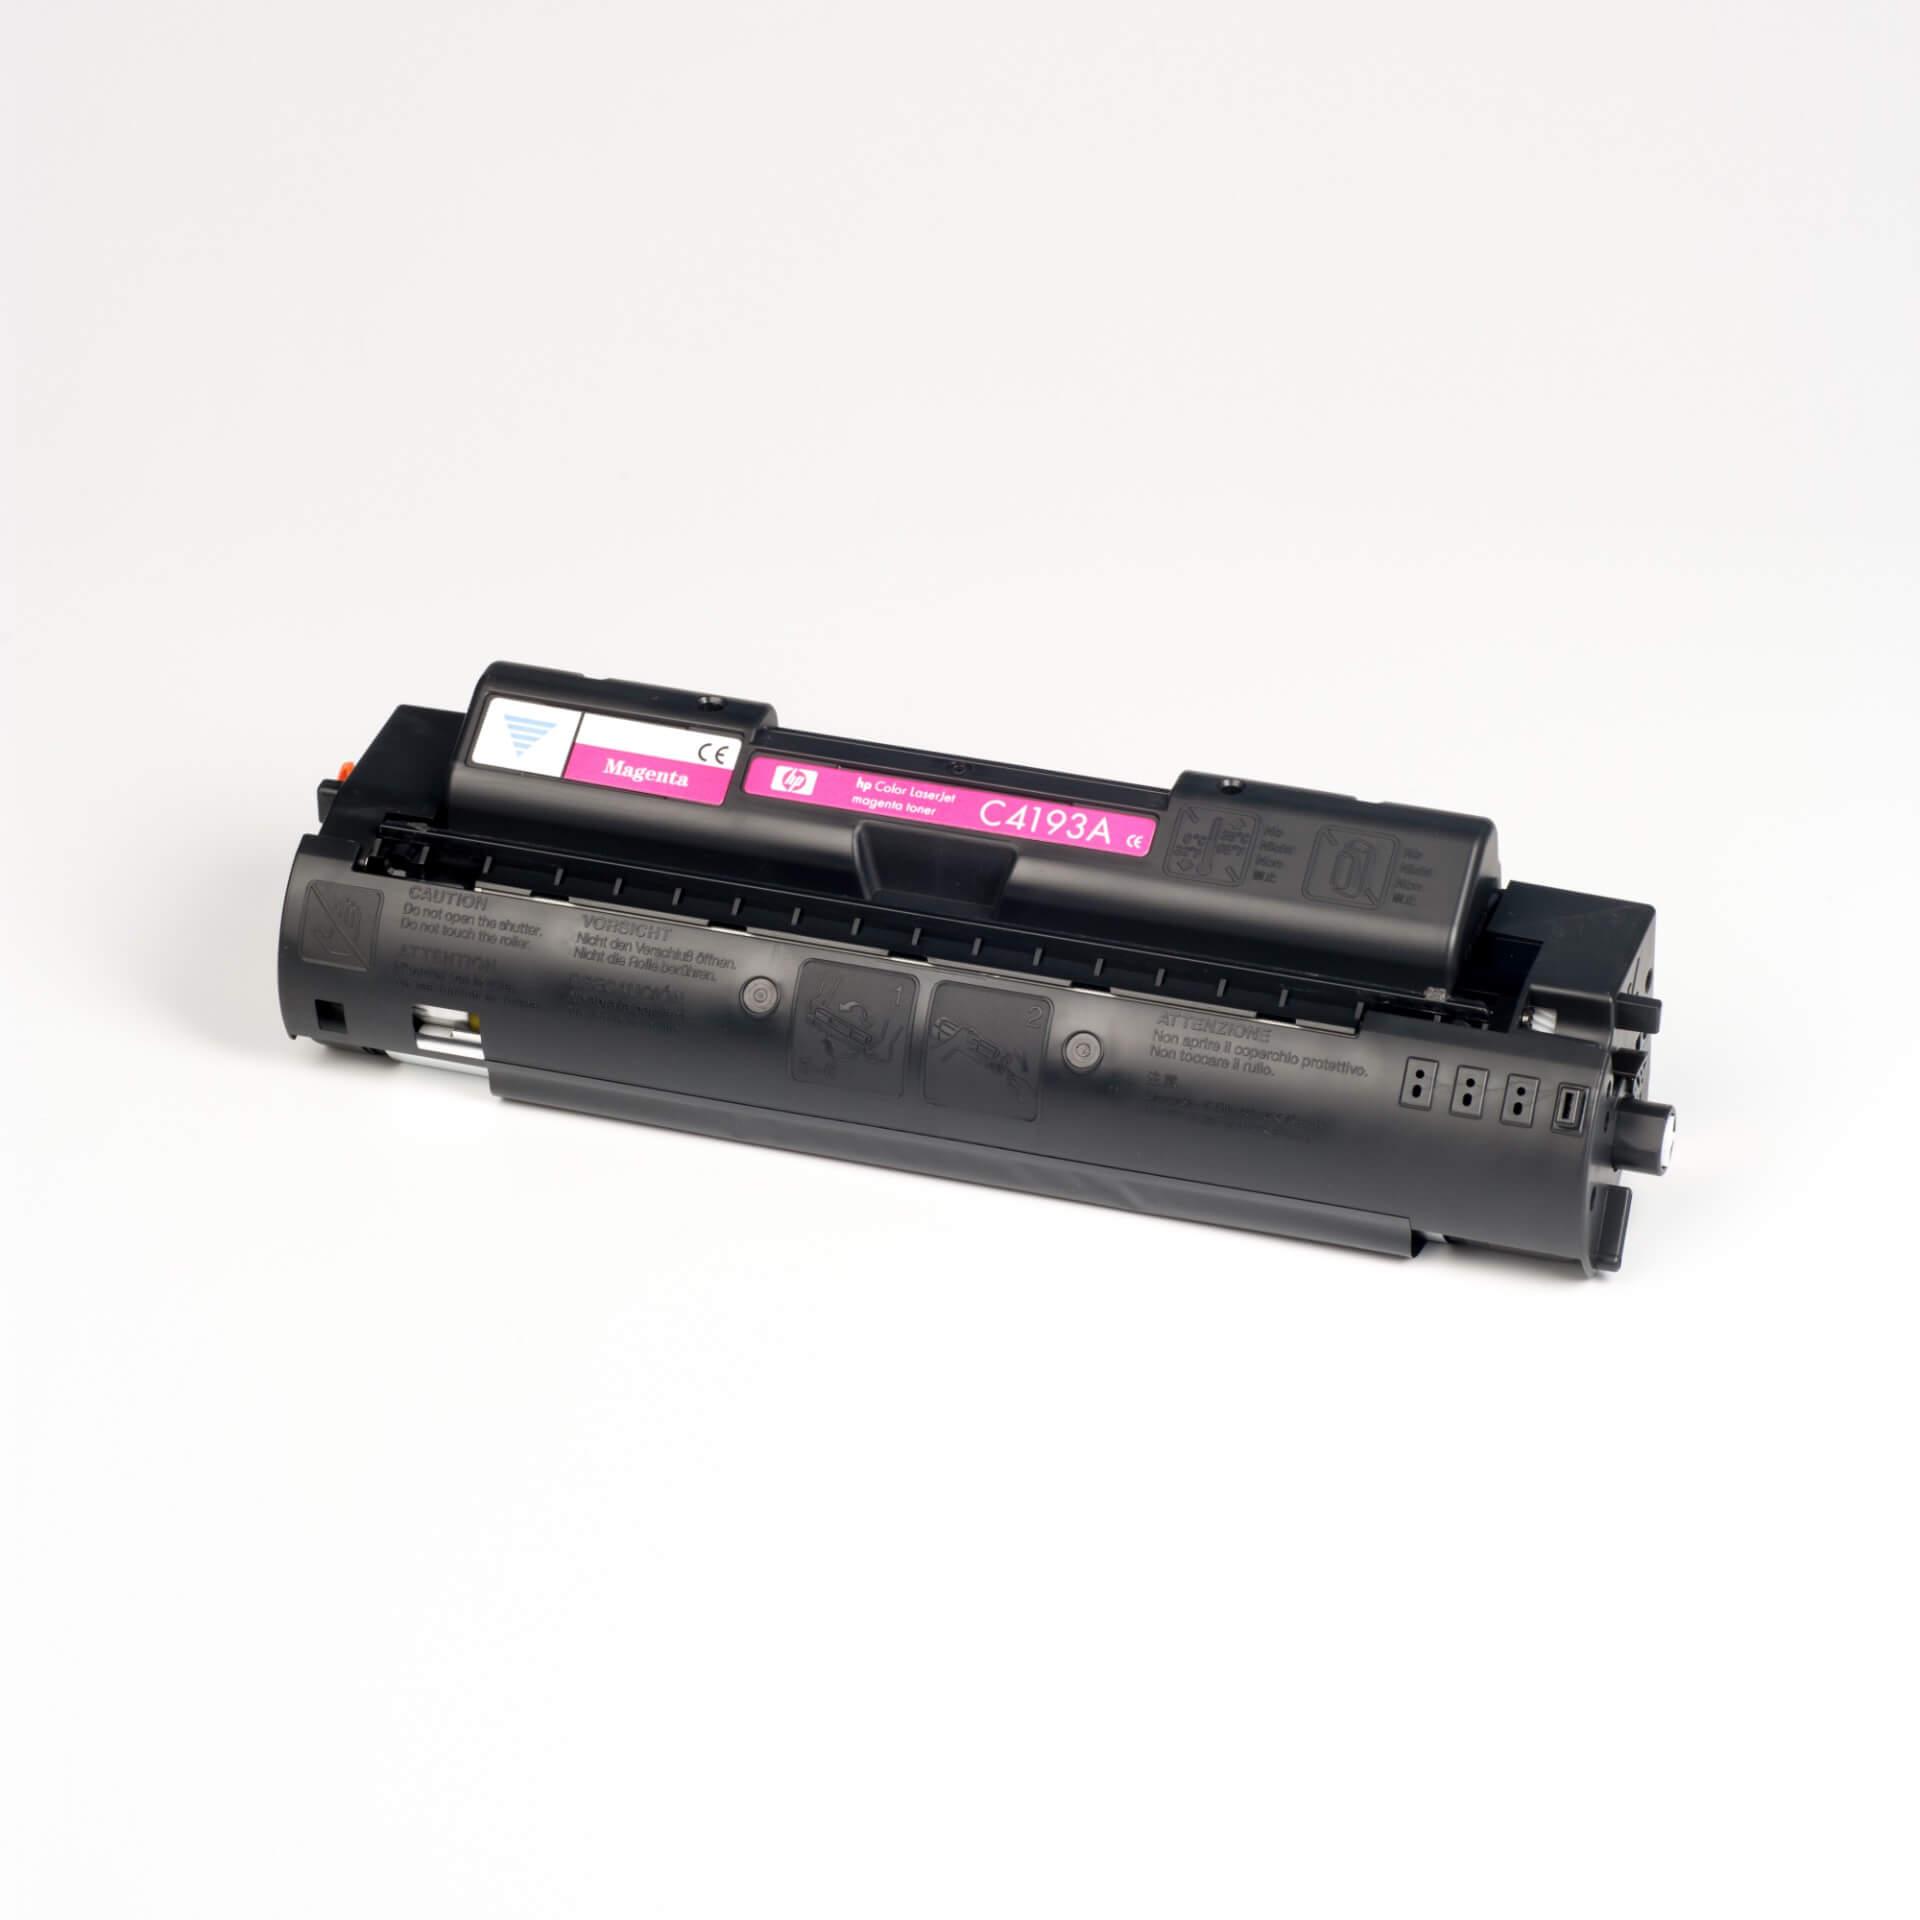 Auf dem Bild sehen Sie eine HP C4193A Rot Original Tonerkartusche